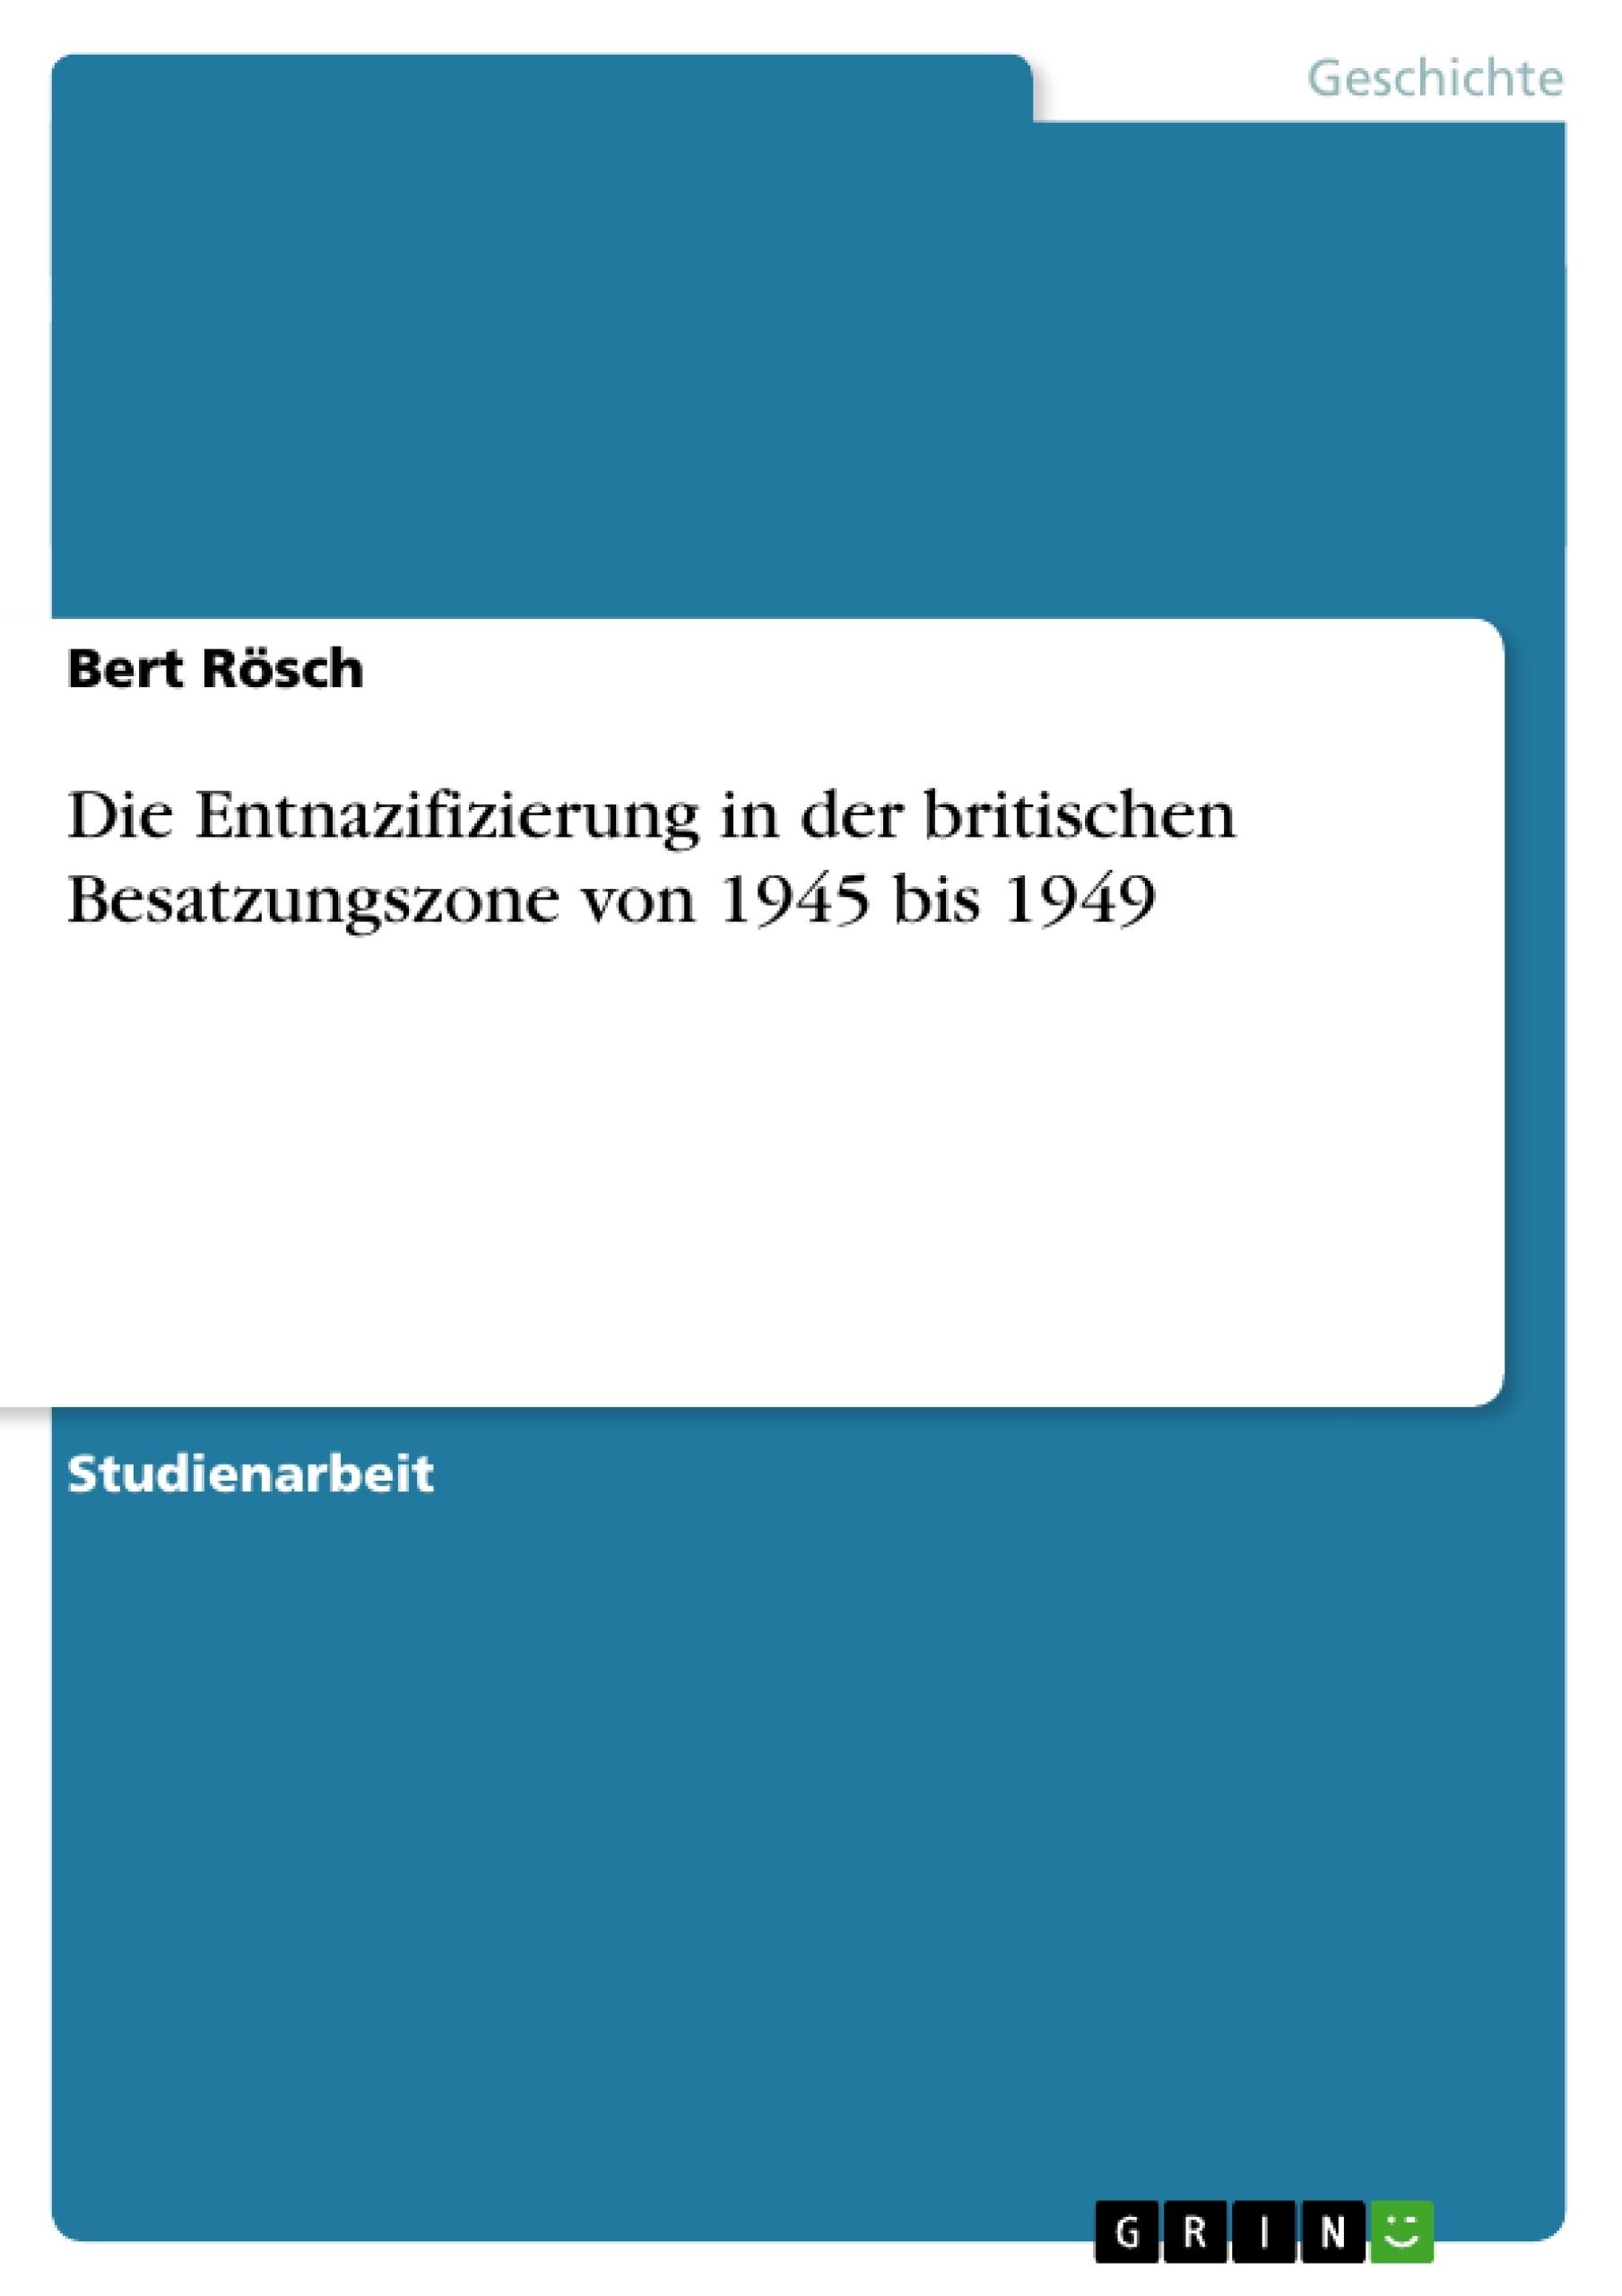 Titel: Die Entnazifizierung in der britischen Besatzungszone von 1945 bis 1949